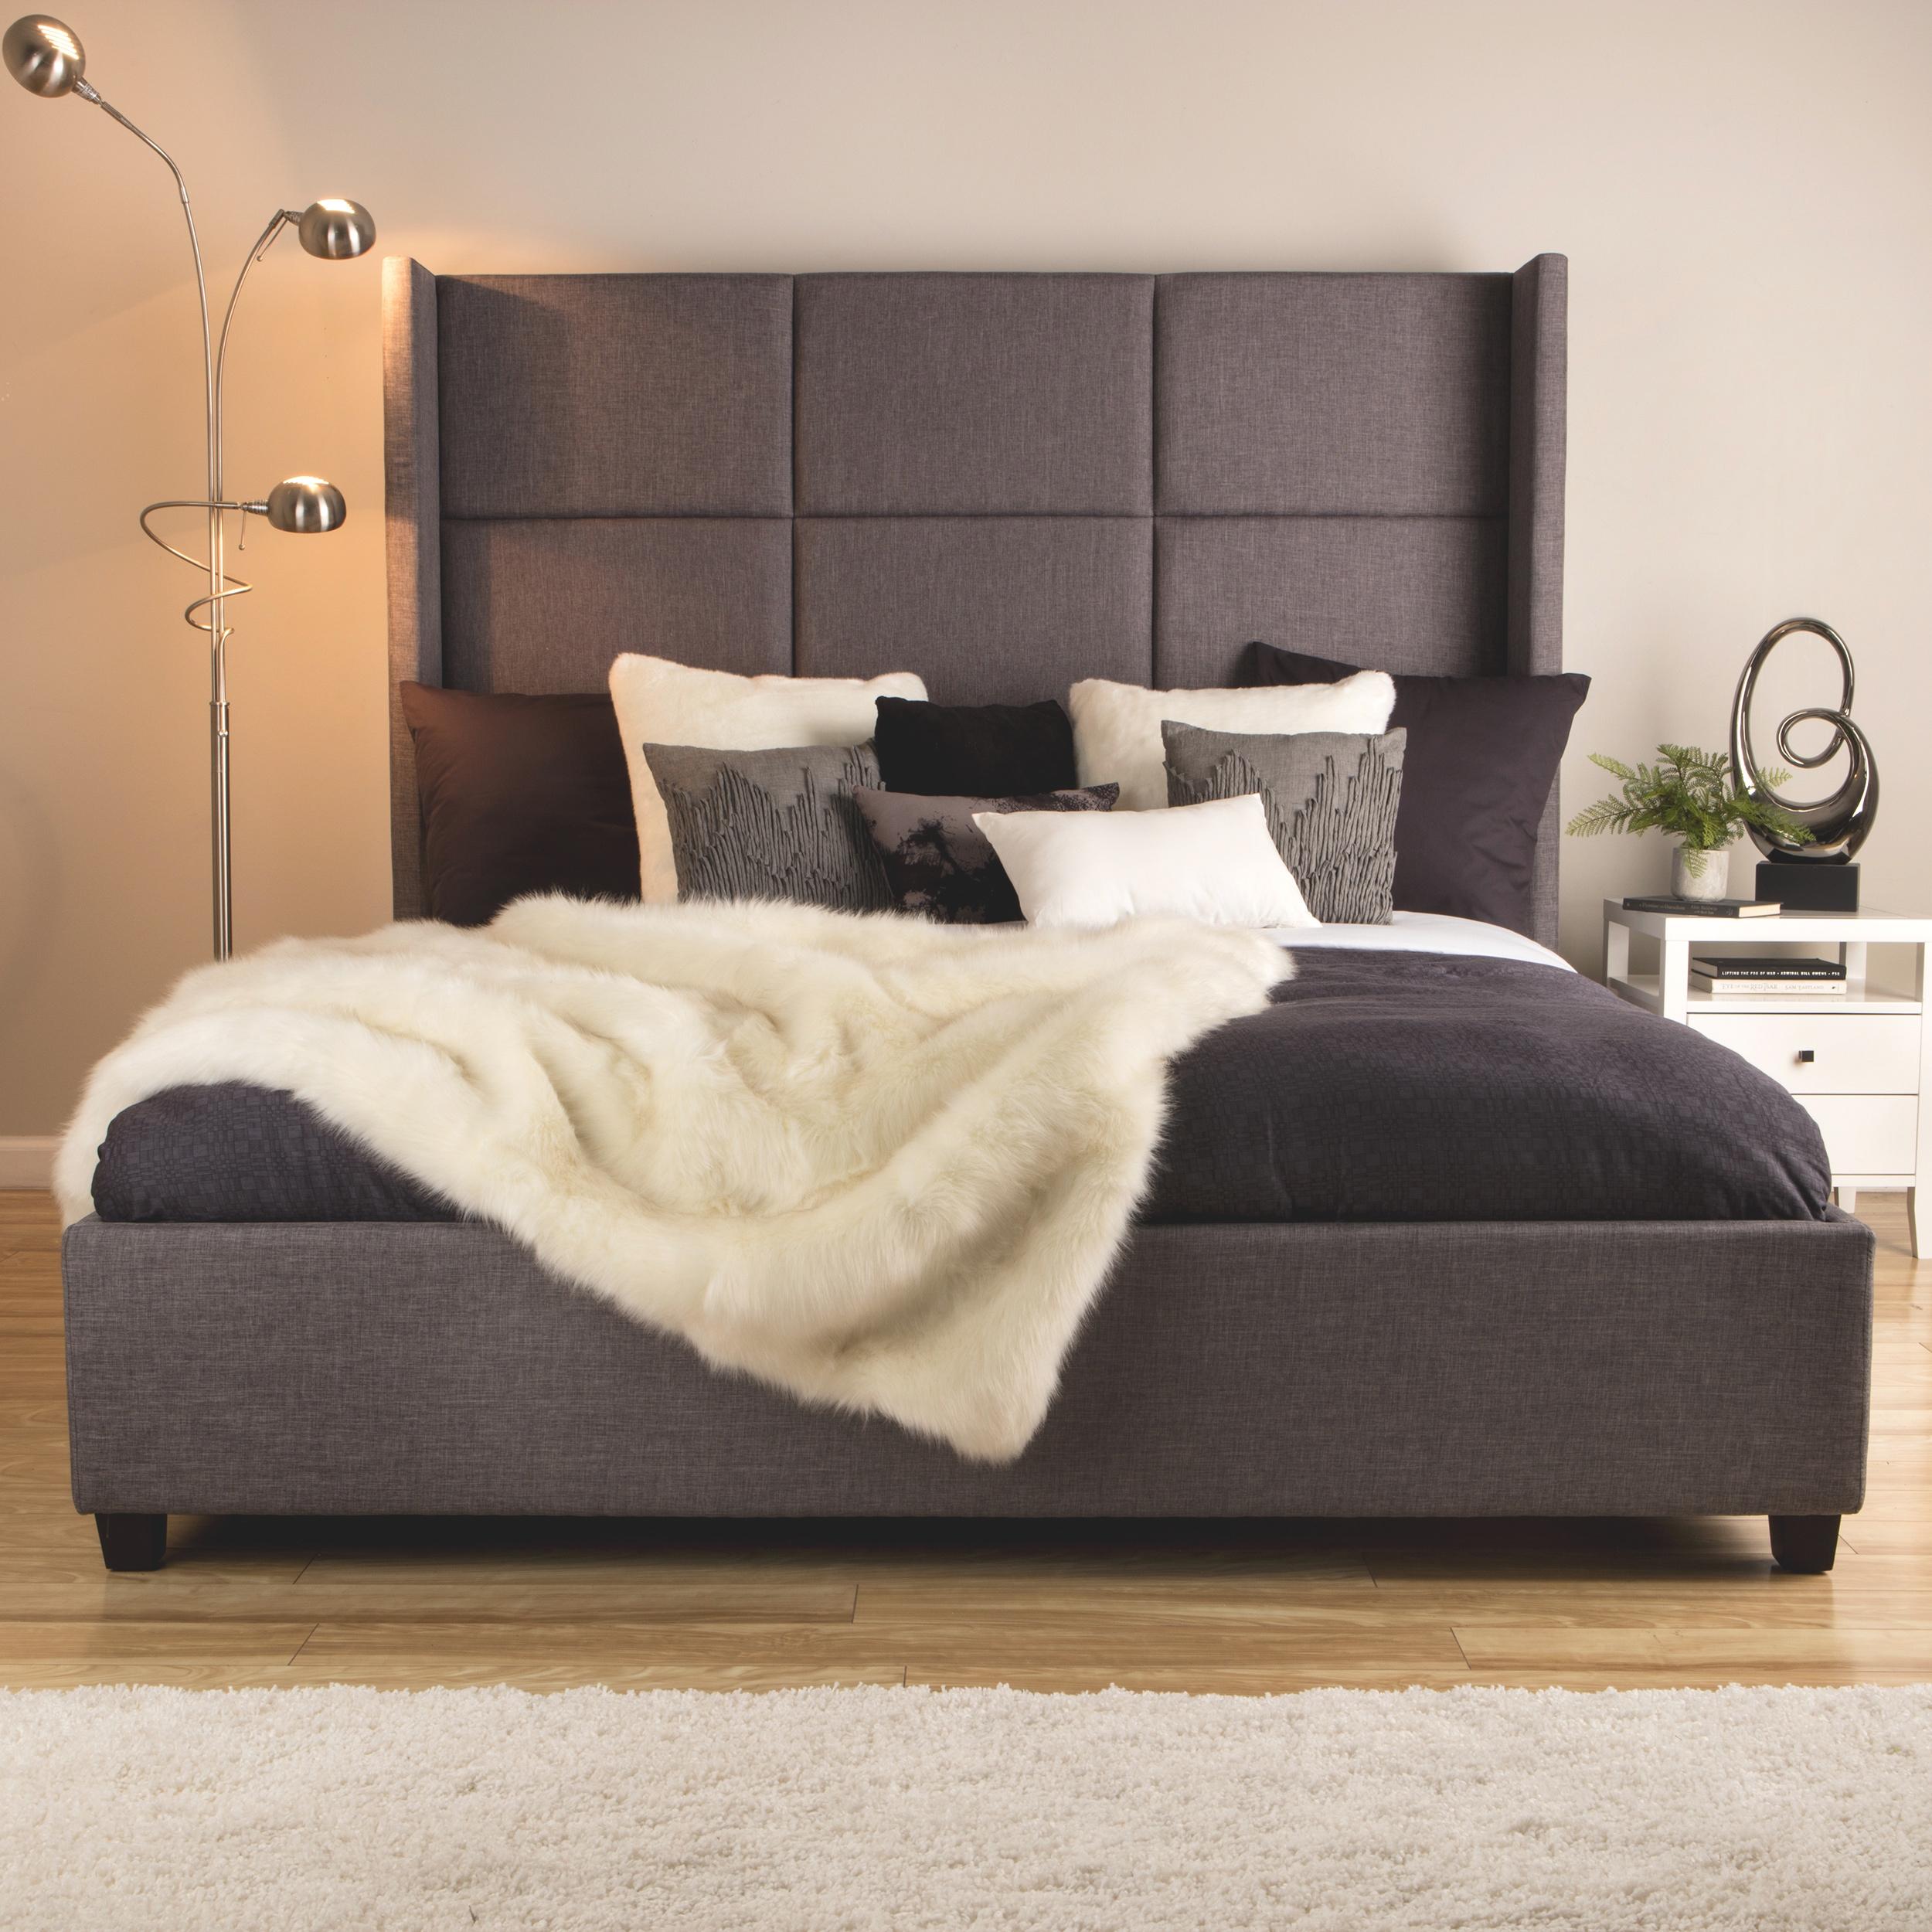 top modern king size bed frame bedrrom furniture upholstered